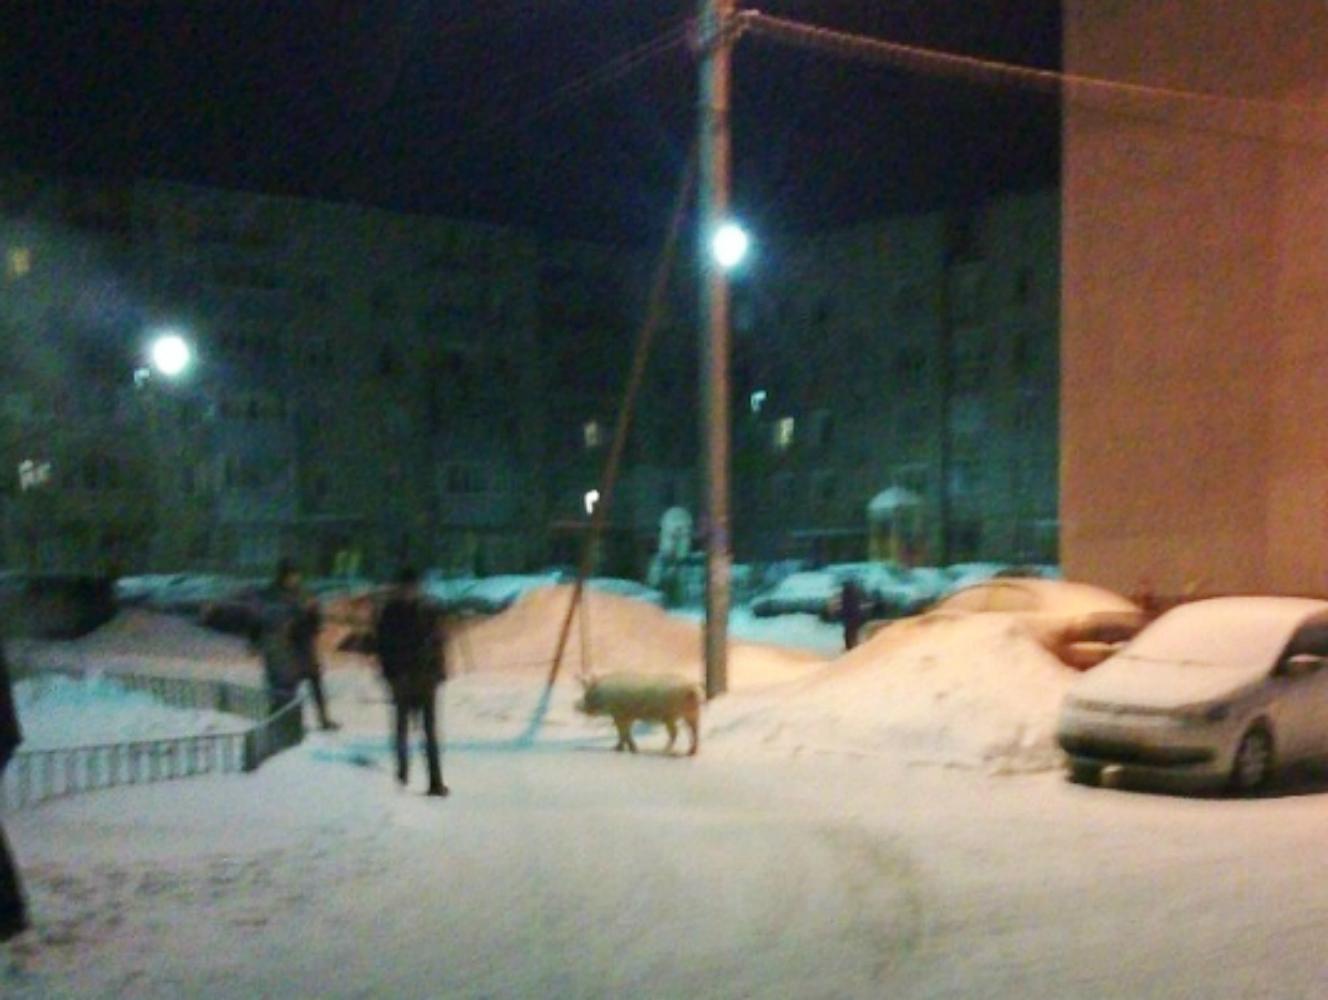 Ярославцы заметили животное, бегающее по дворам